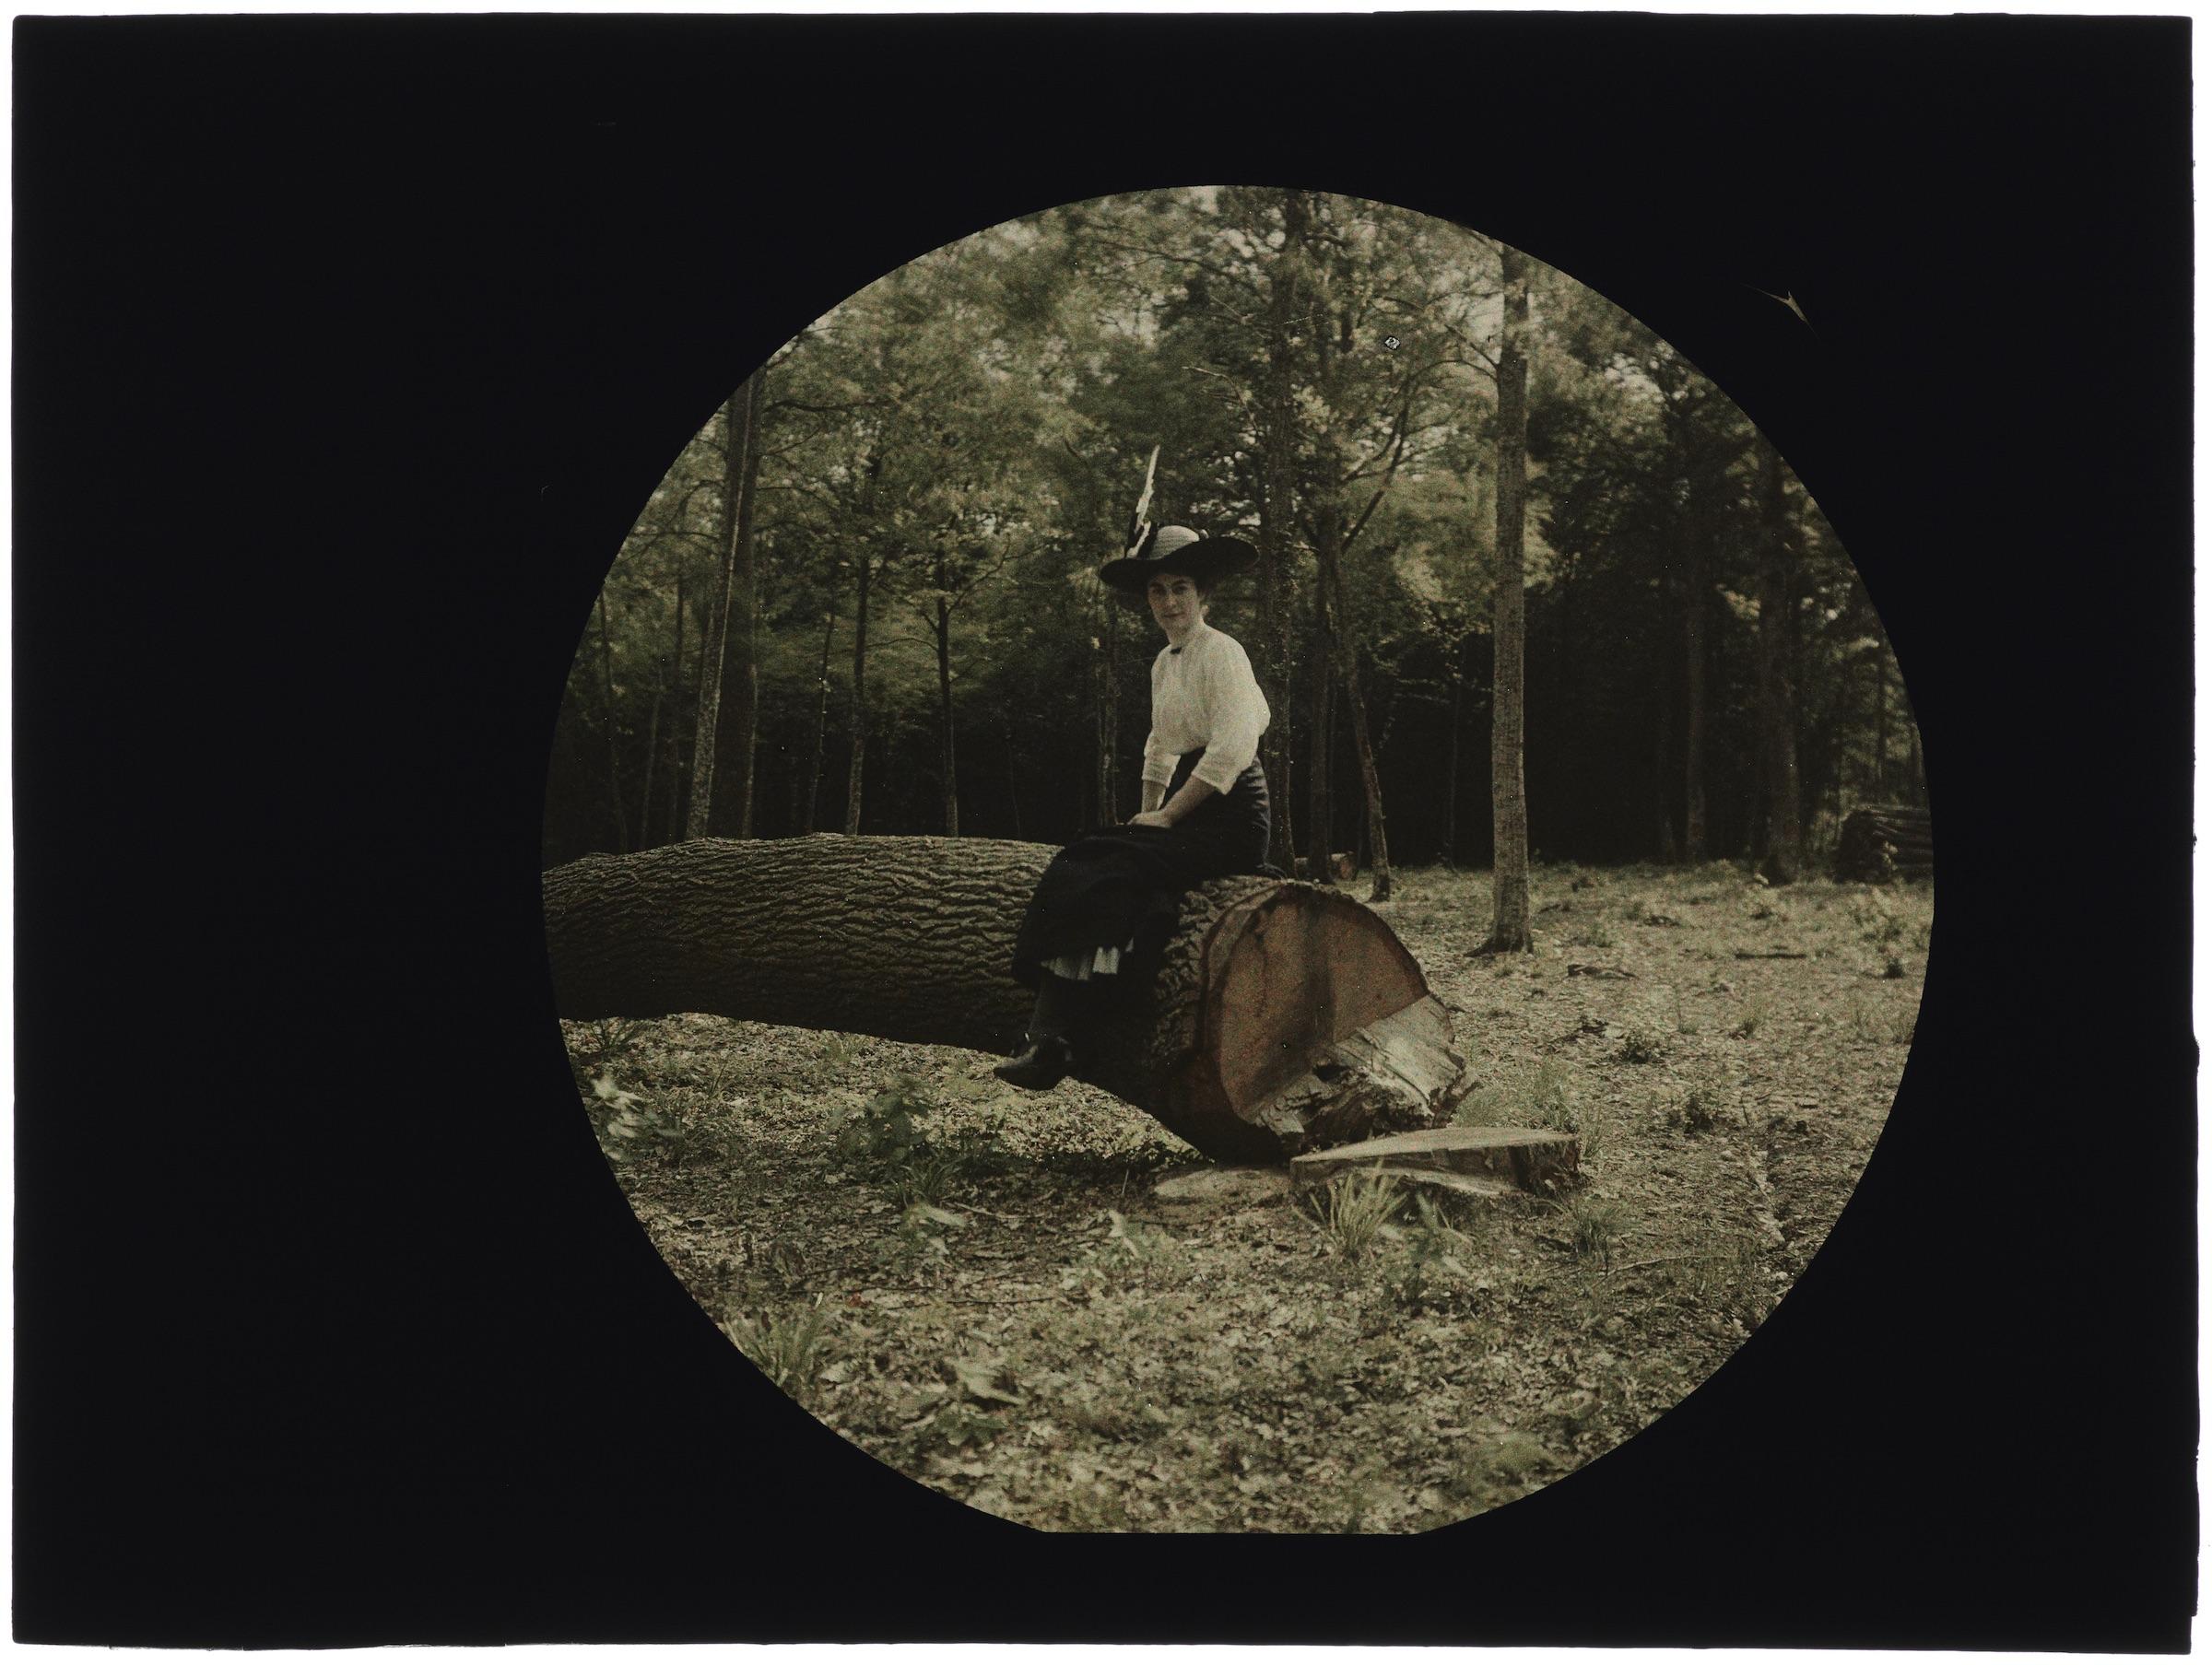 Femme dans la forêt assise sur un tronc